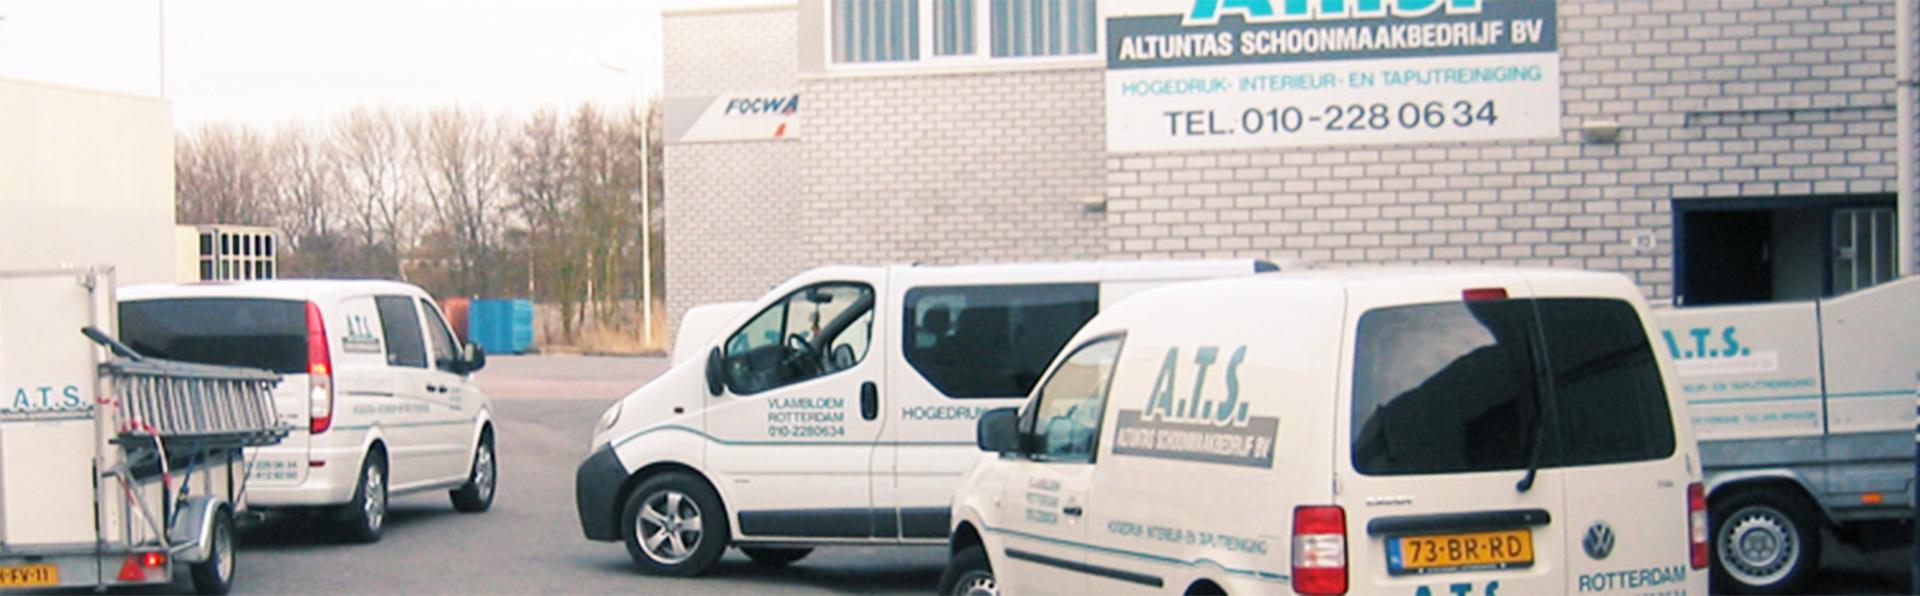 Schoonmaakbedrijf-Leiden-ATS-header